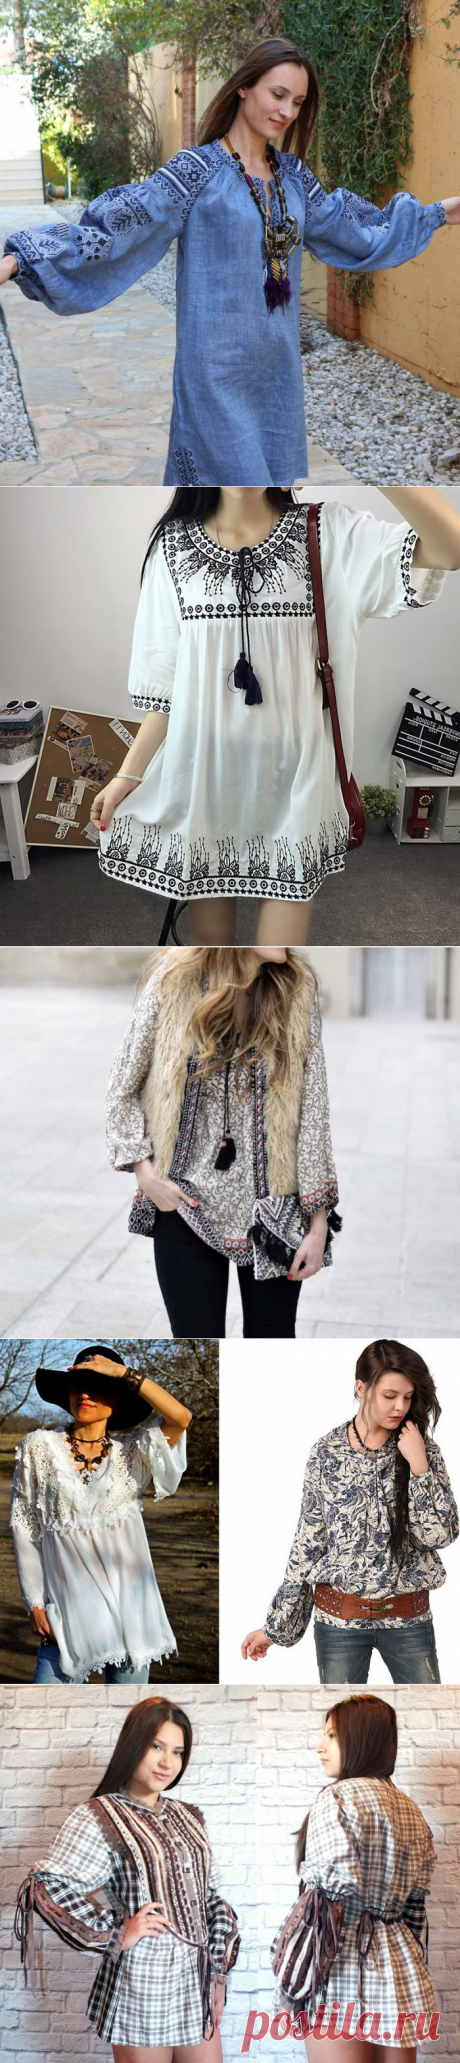 Бохо стиль в одежде своими руками: выкройки платьев, юбок, сарафанов, туники, блузы, кардигана, брюк, для полных женщин